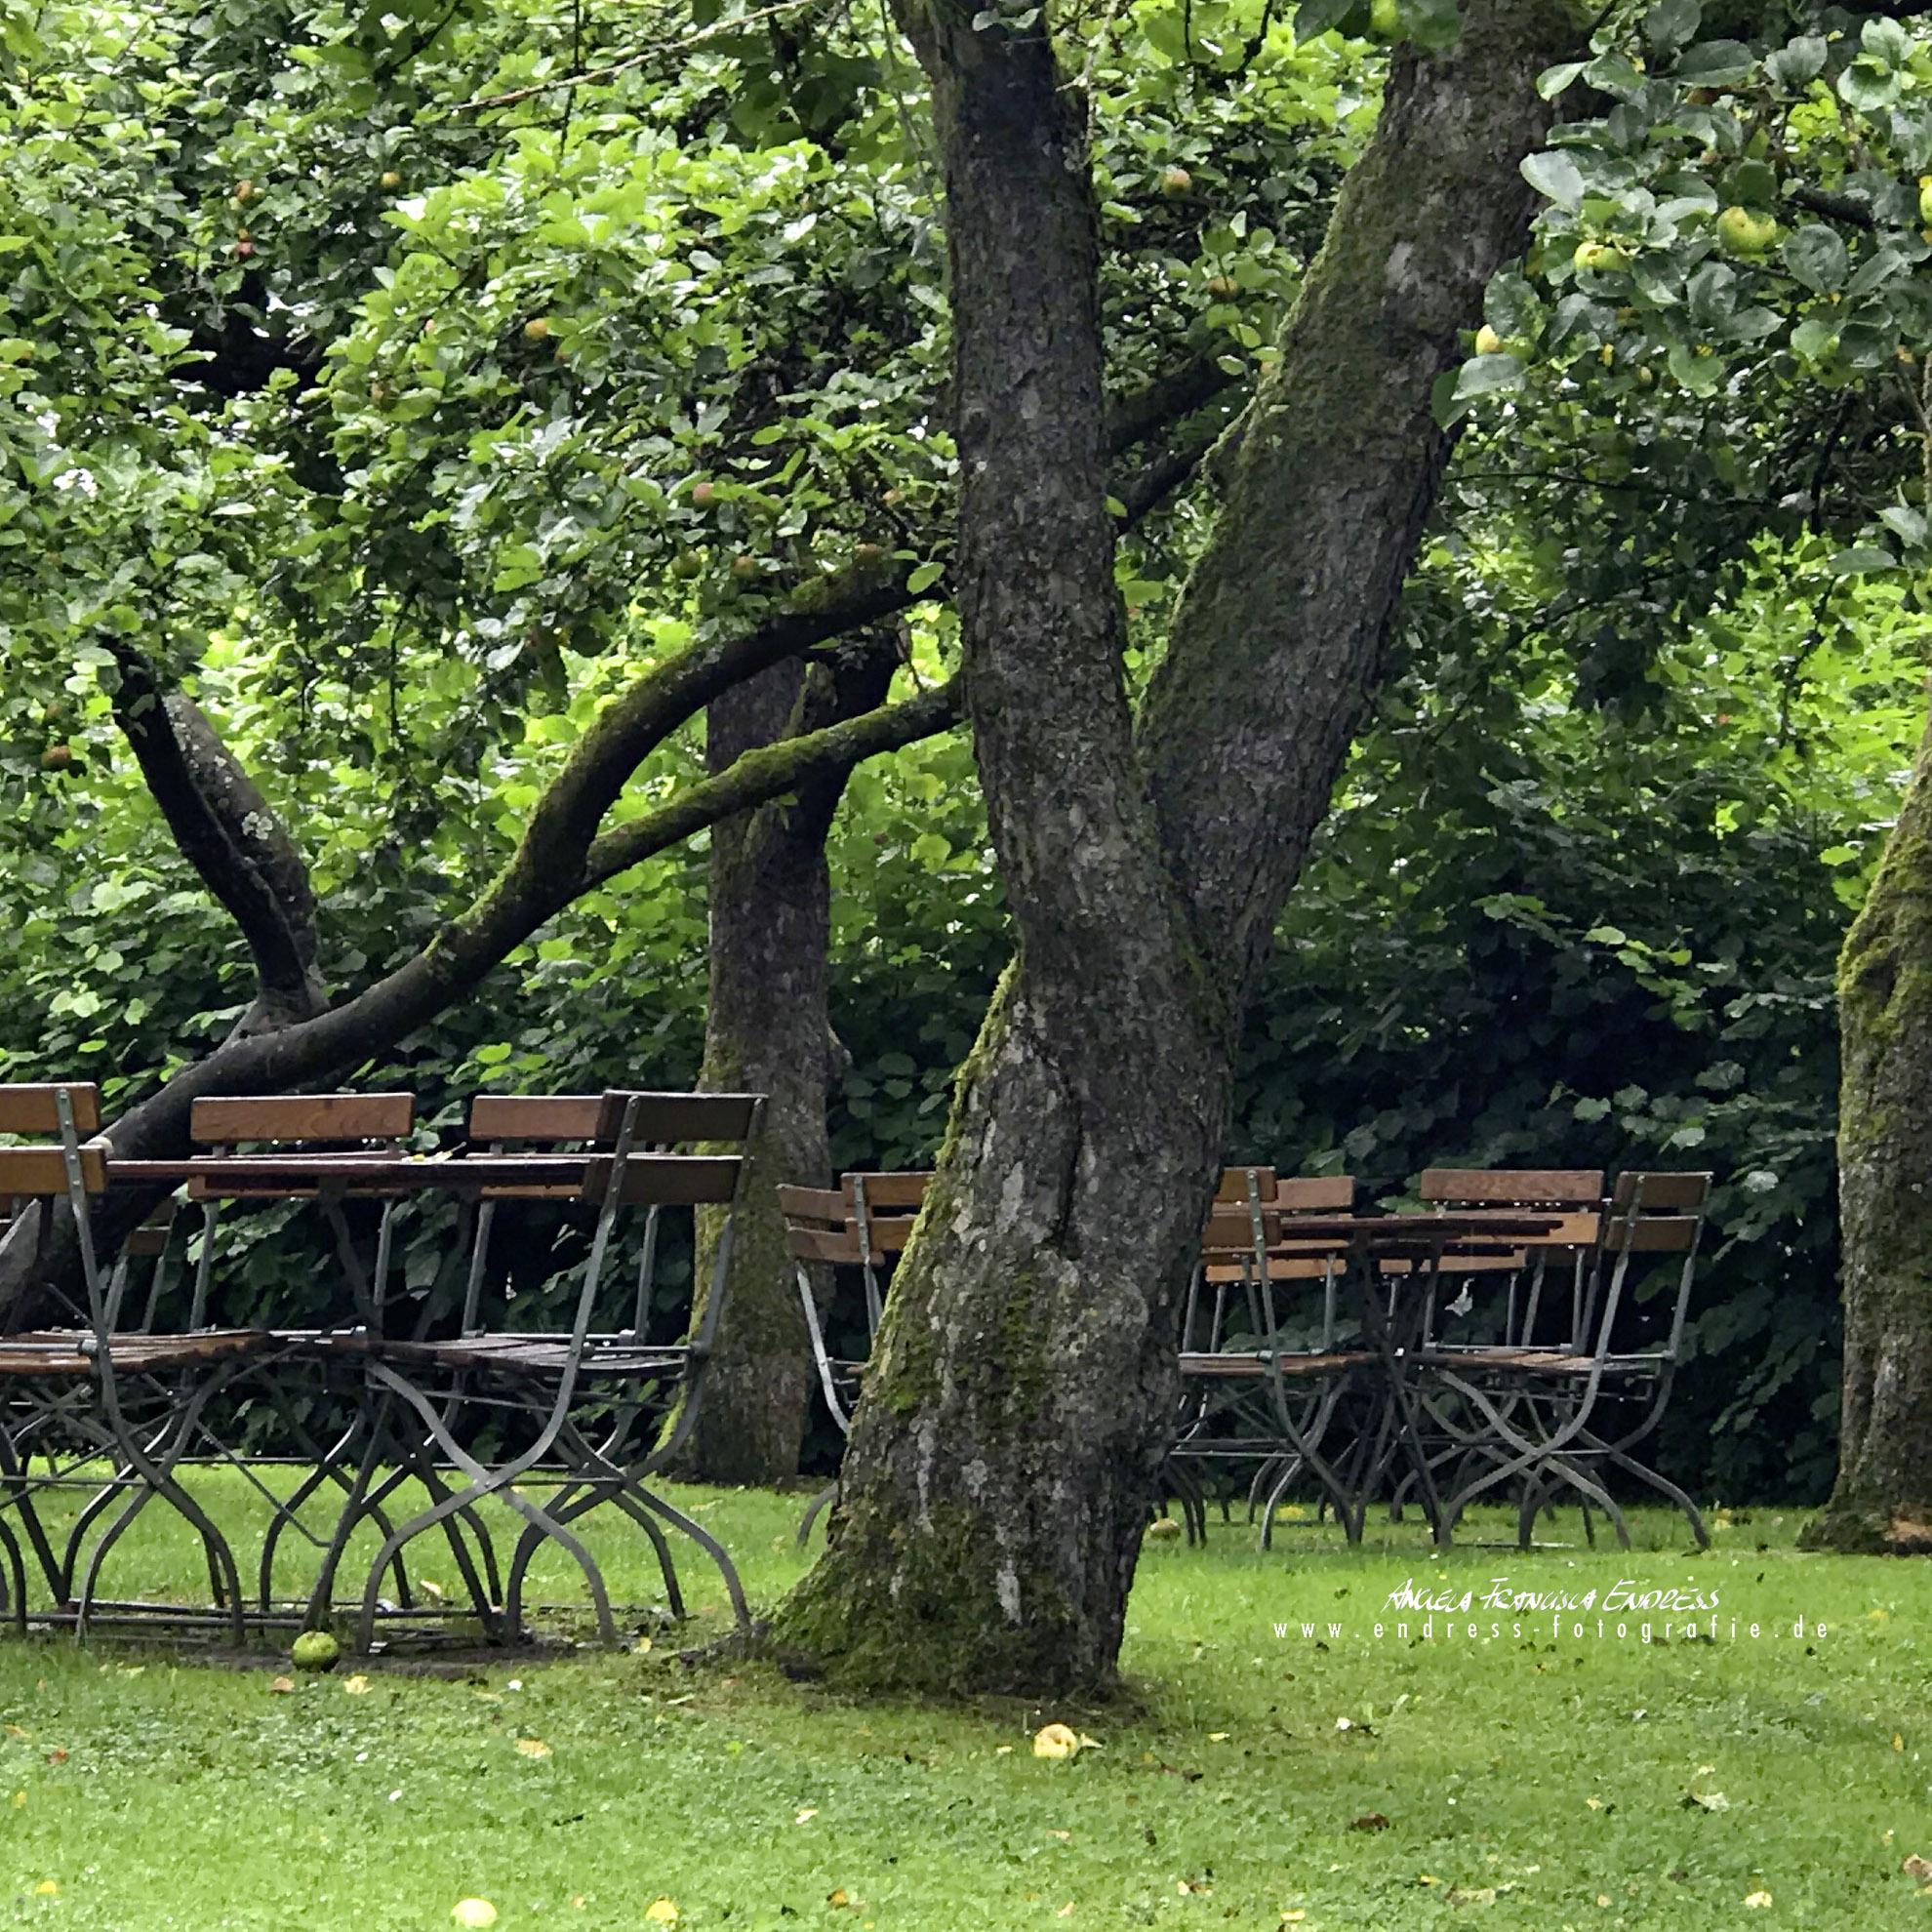 Biergarten Stühle vom Gasthof Mai, Köttweinsdorf